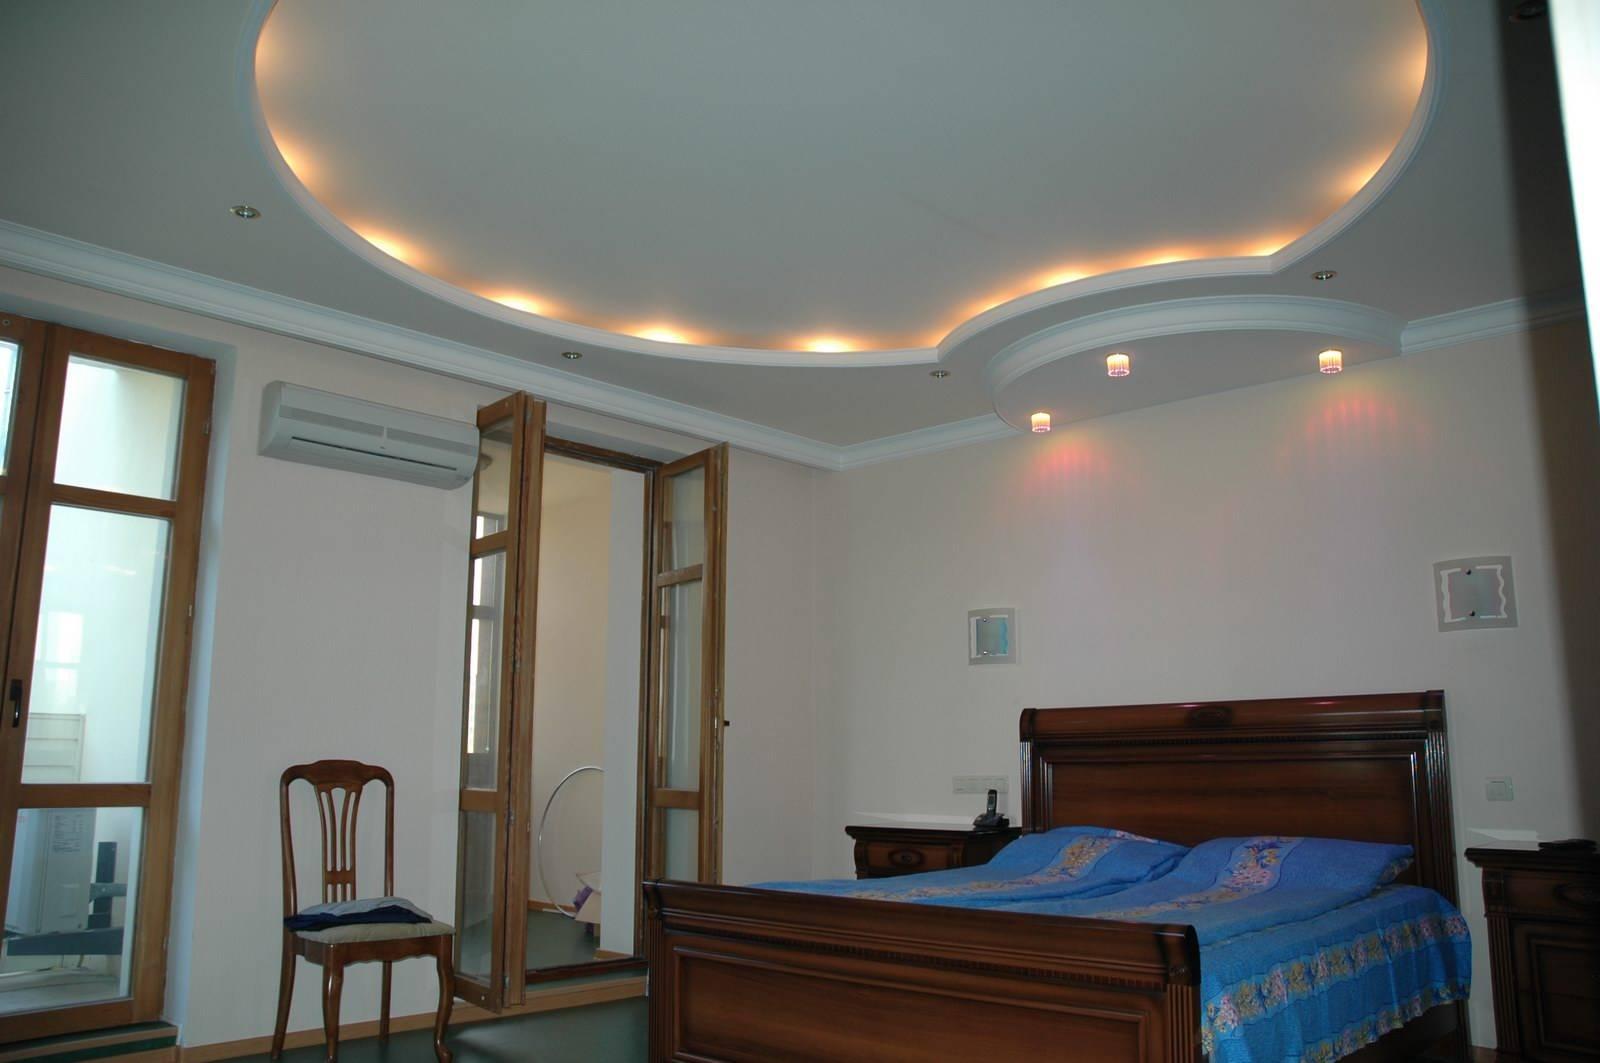 Двухуровневые потолки из гипсокартона в интерьере